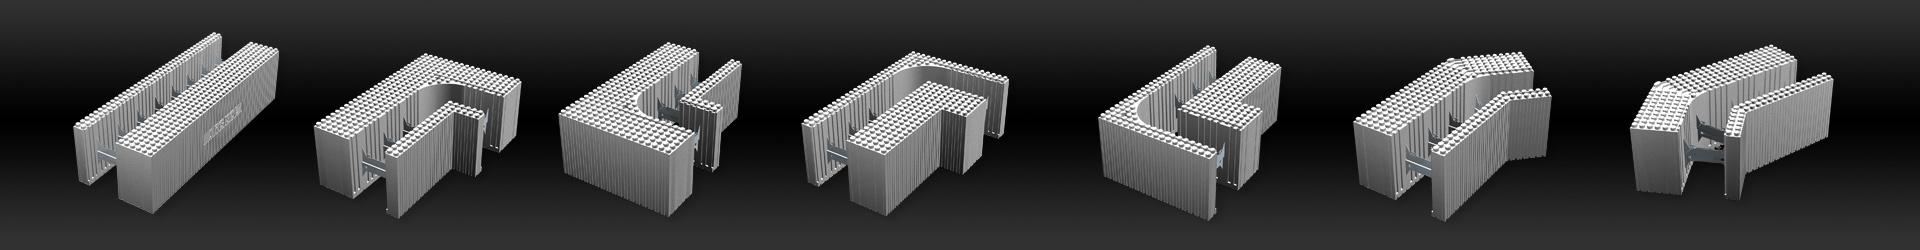 wandsystem 35 cm. Black Bedroom Furniture Sets. Home Design Ideas